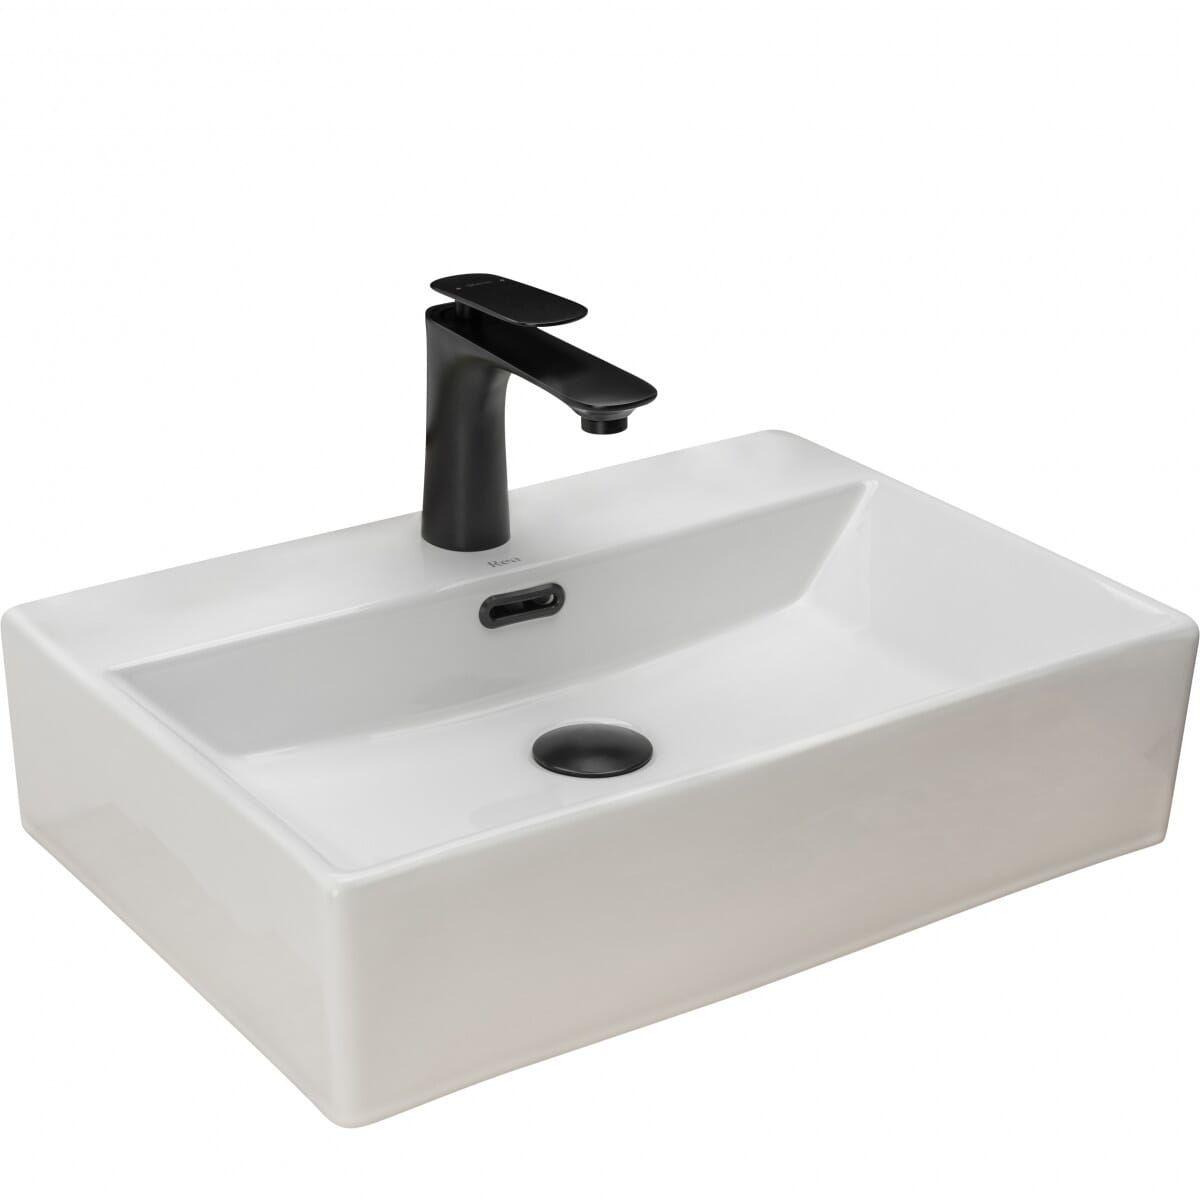 Umywalka nablatowa 50 Bonita Rea (REA-U8701)